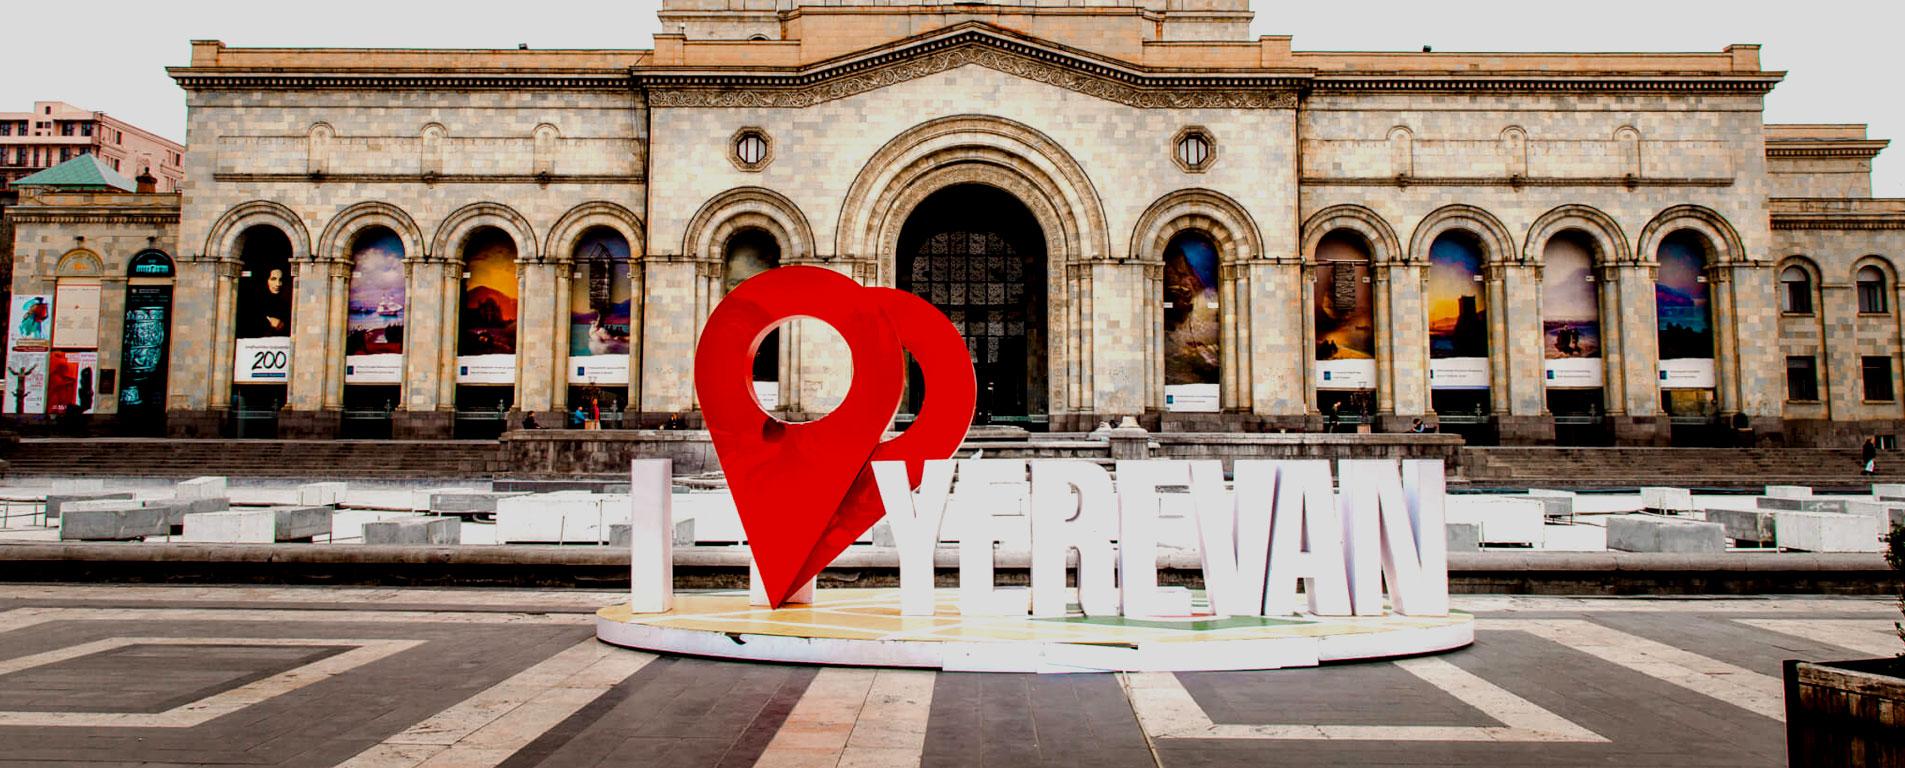 مراکز تفریحی ارمنستان ، هیجانانگیزترین انتخابهای گردشی